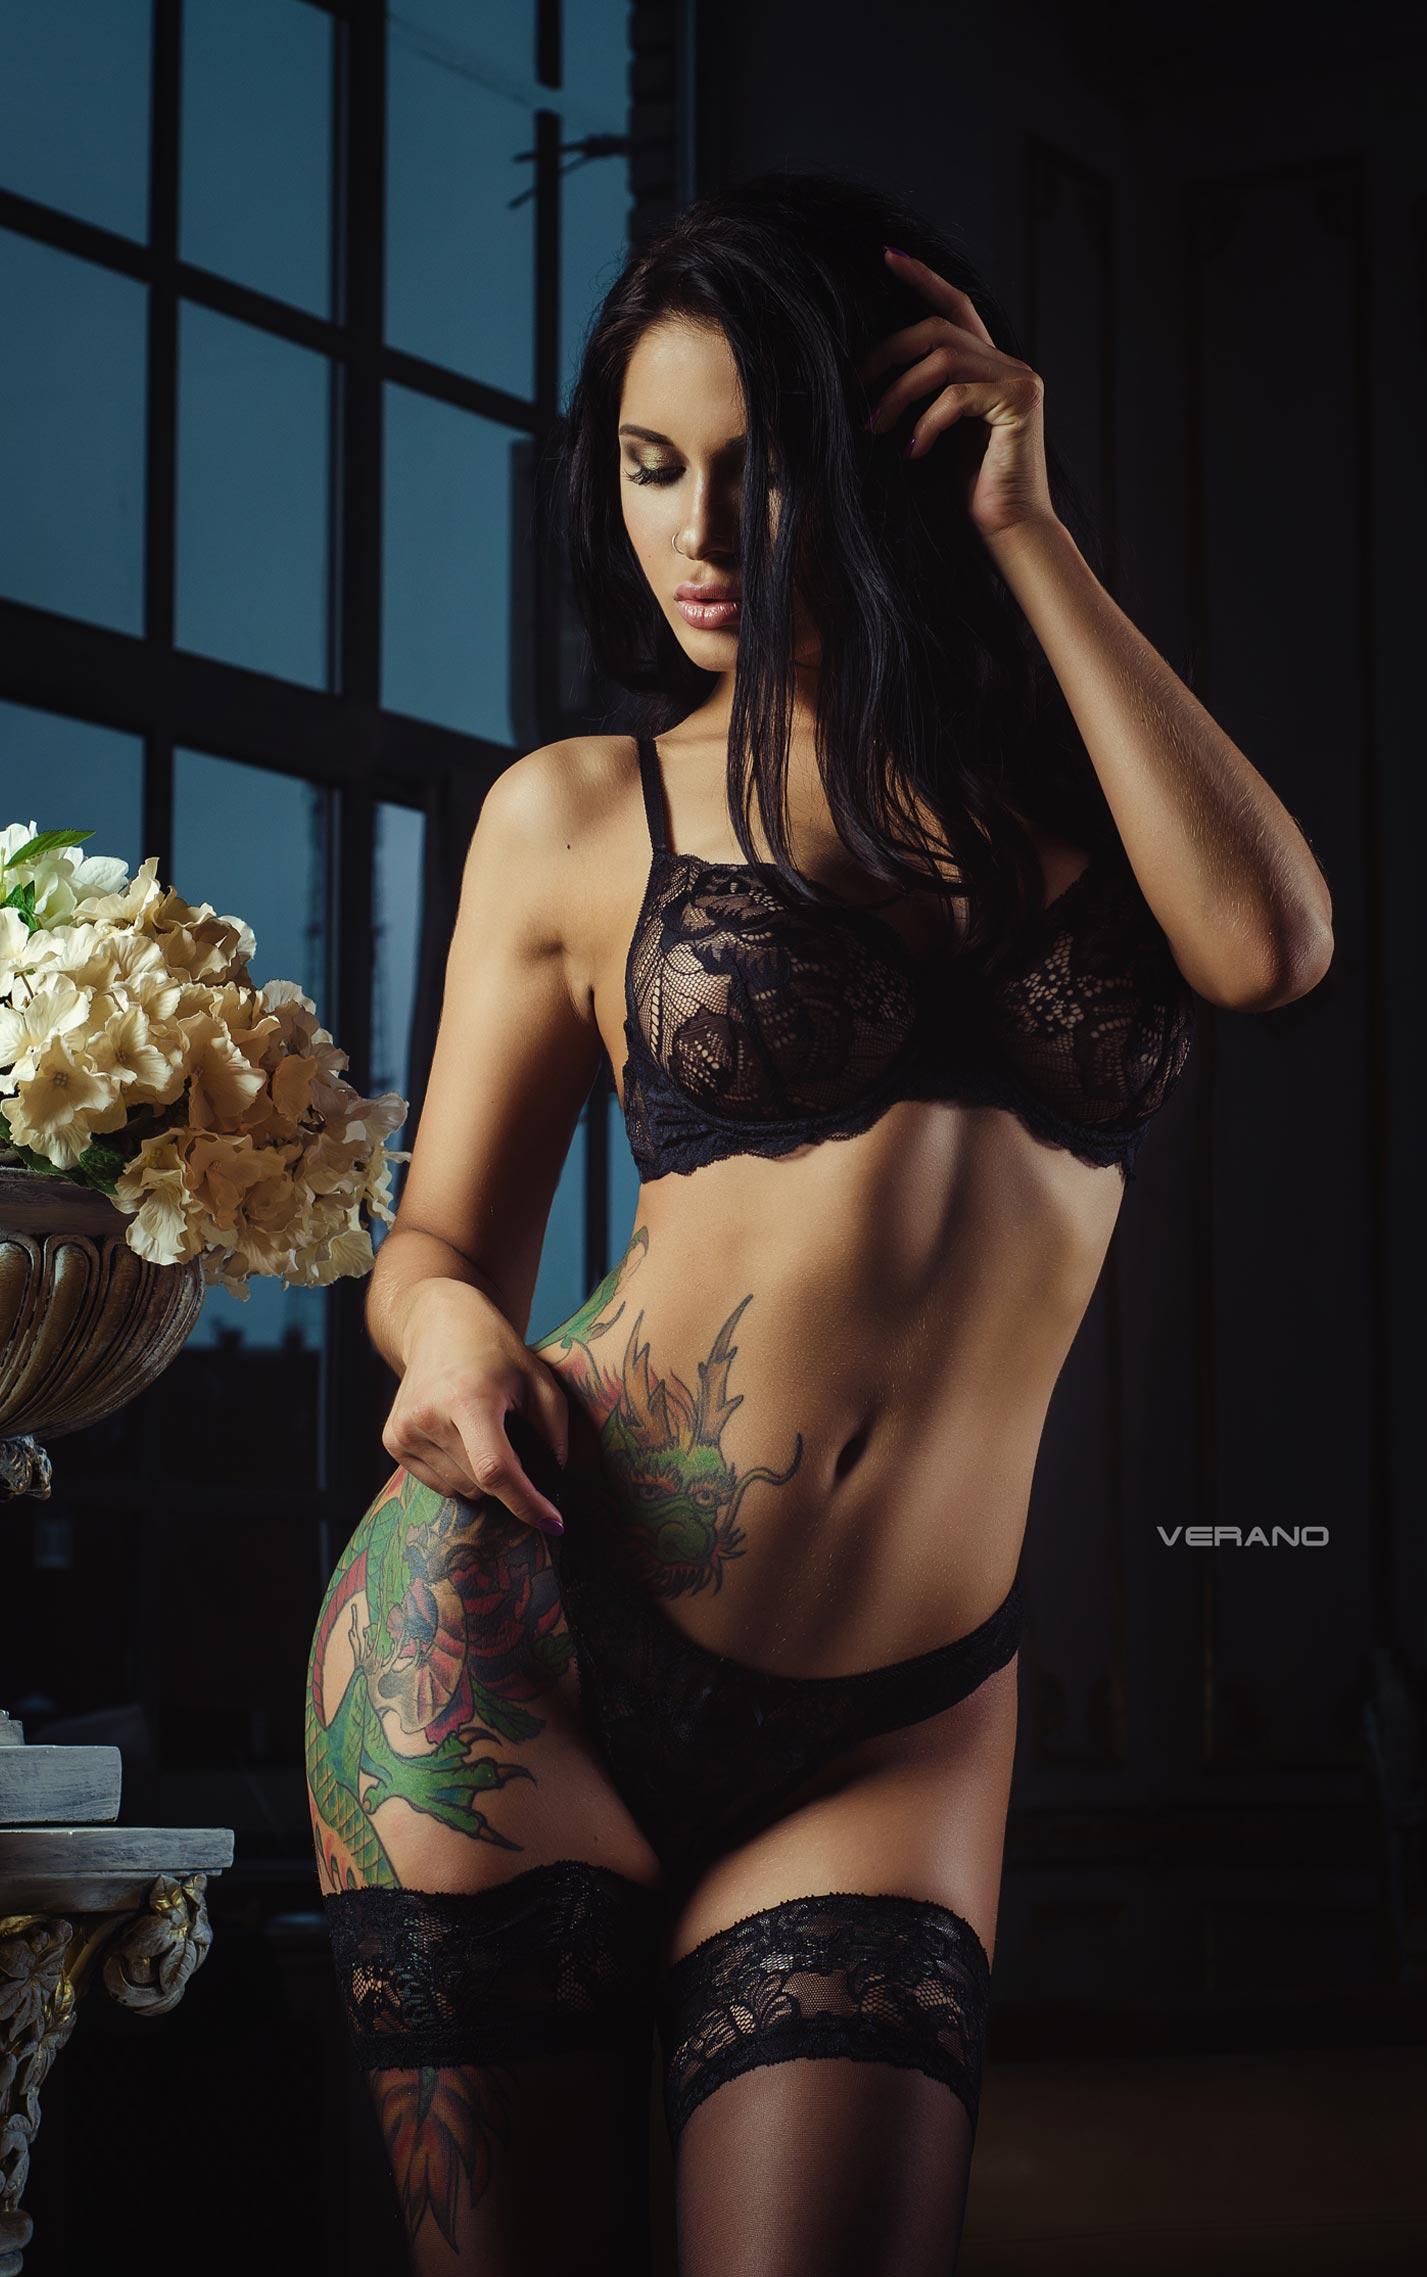 Лина Мелтон, фотограф Николас Верано / фото 06